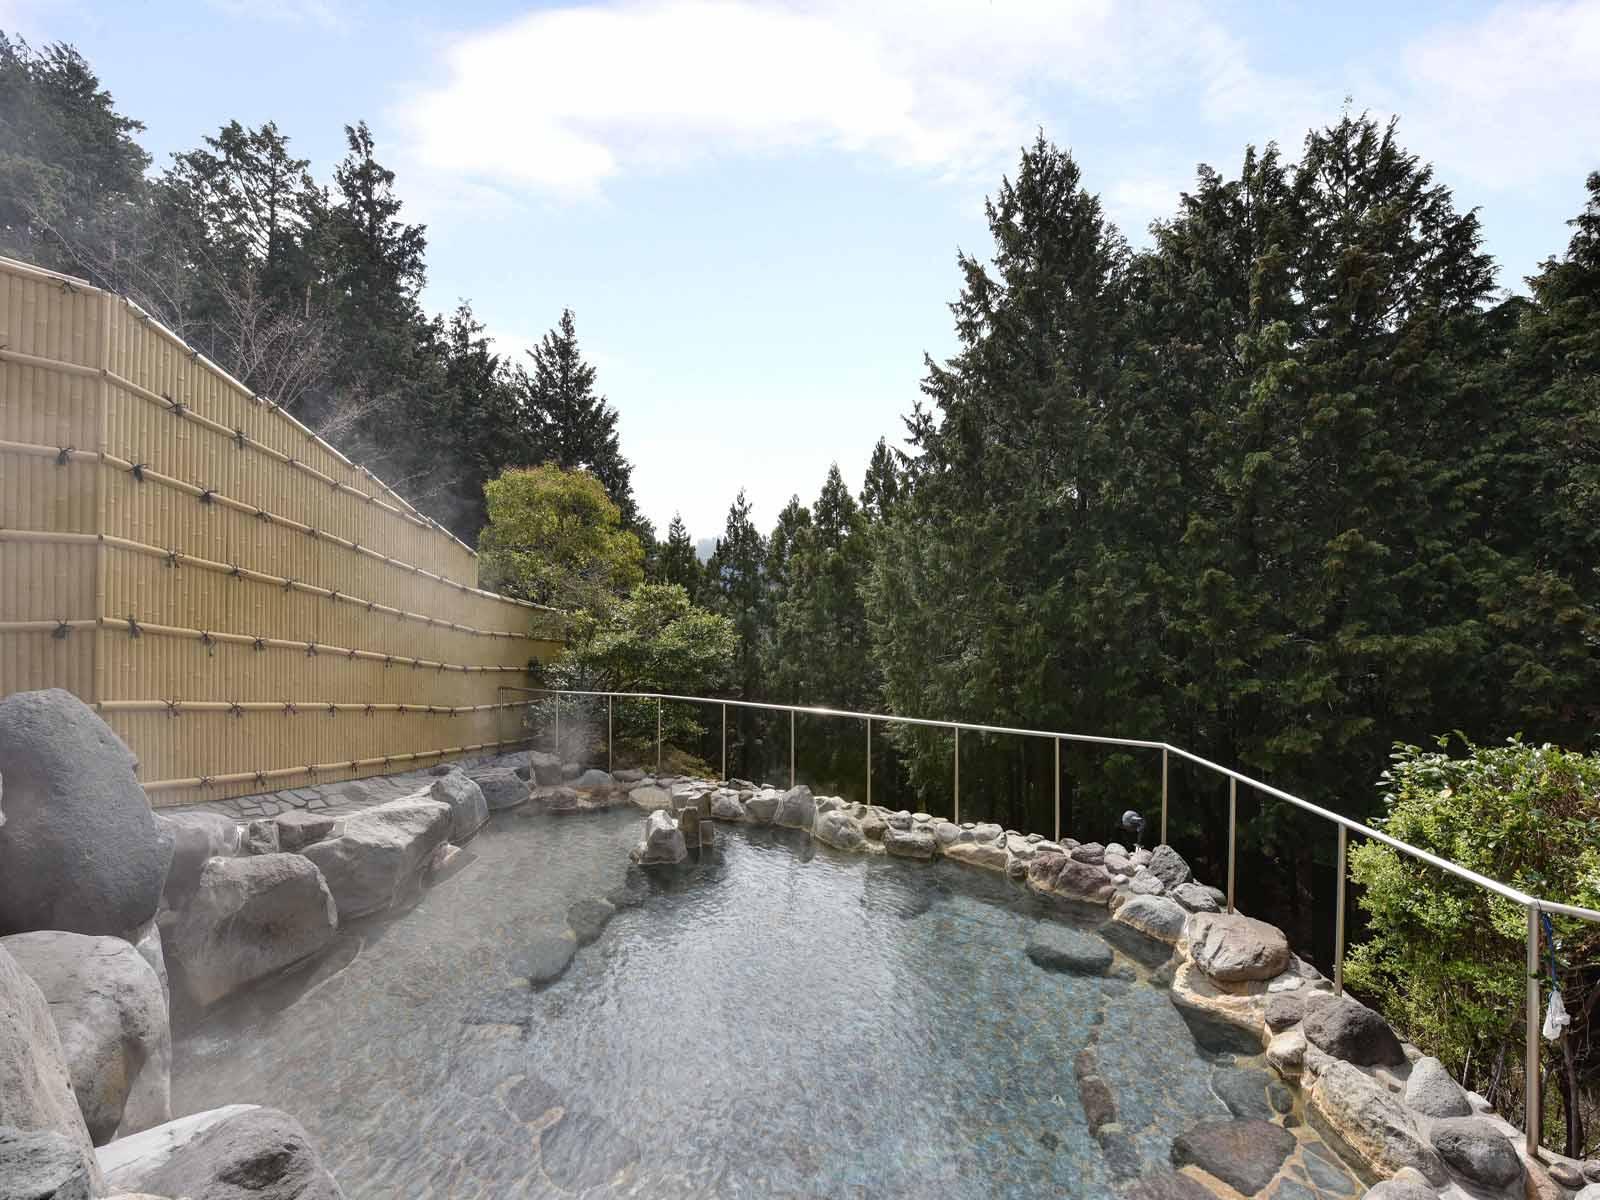 【朝食付】最終チェックイン23時までOK!天然温泉で癒されるリゾートステイ